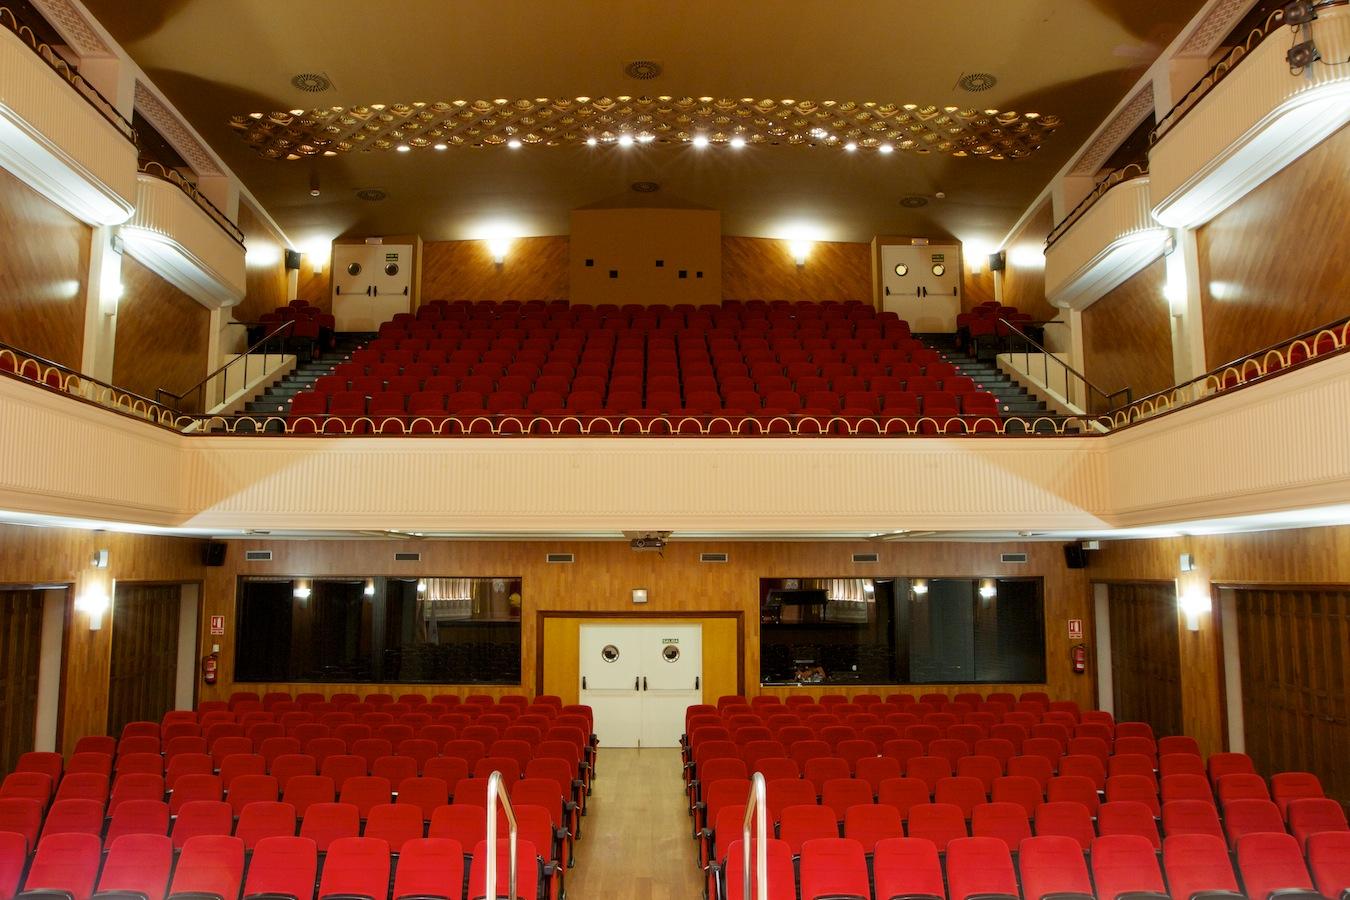 Teatro del ateneo mercantil valencia entradas el corte ingl s - Libreria el corte ingles valencia ...